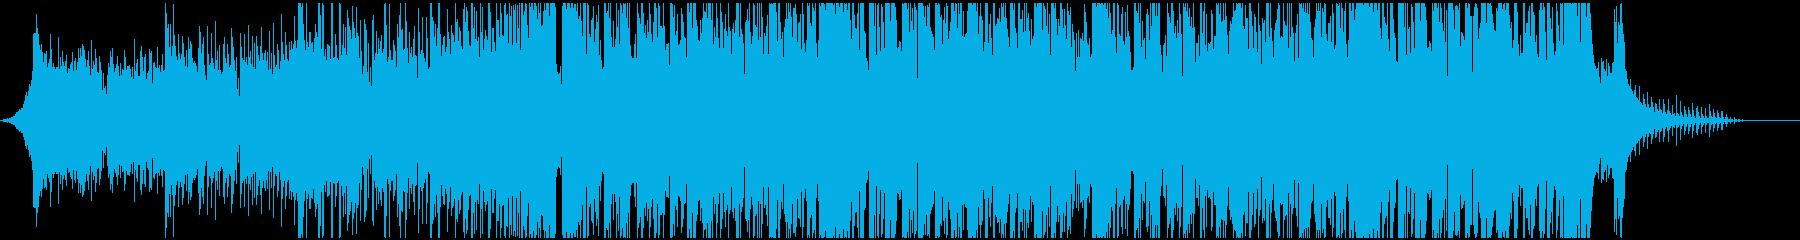 ドラムンベースなジングルの再生済みの波形